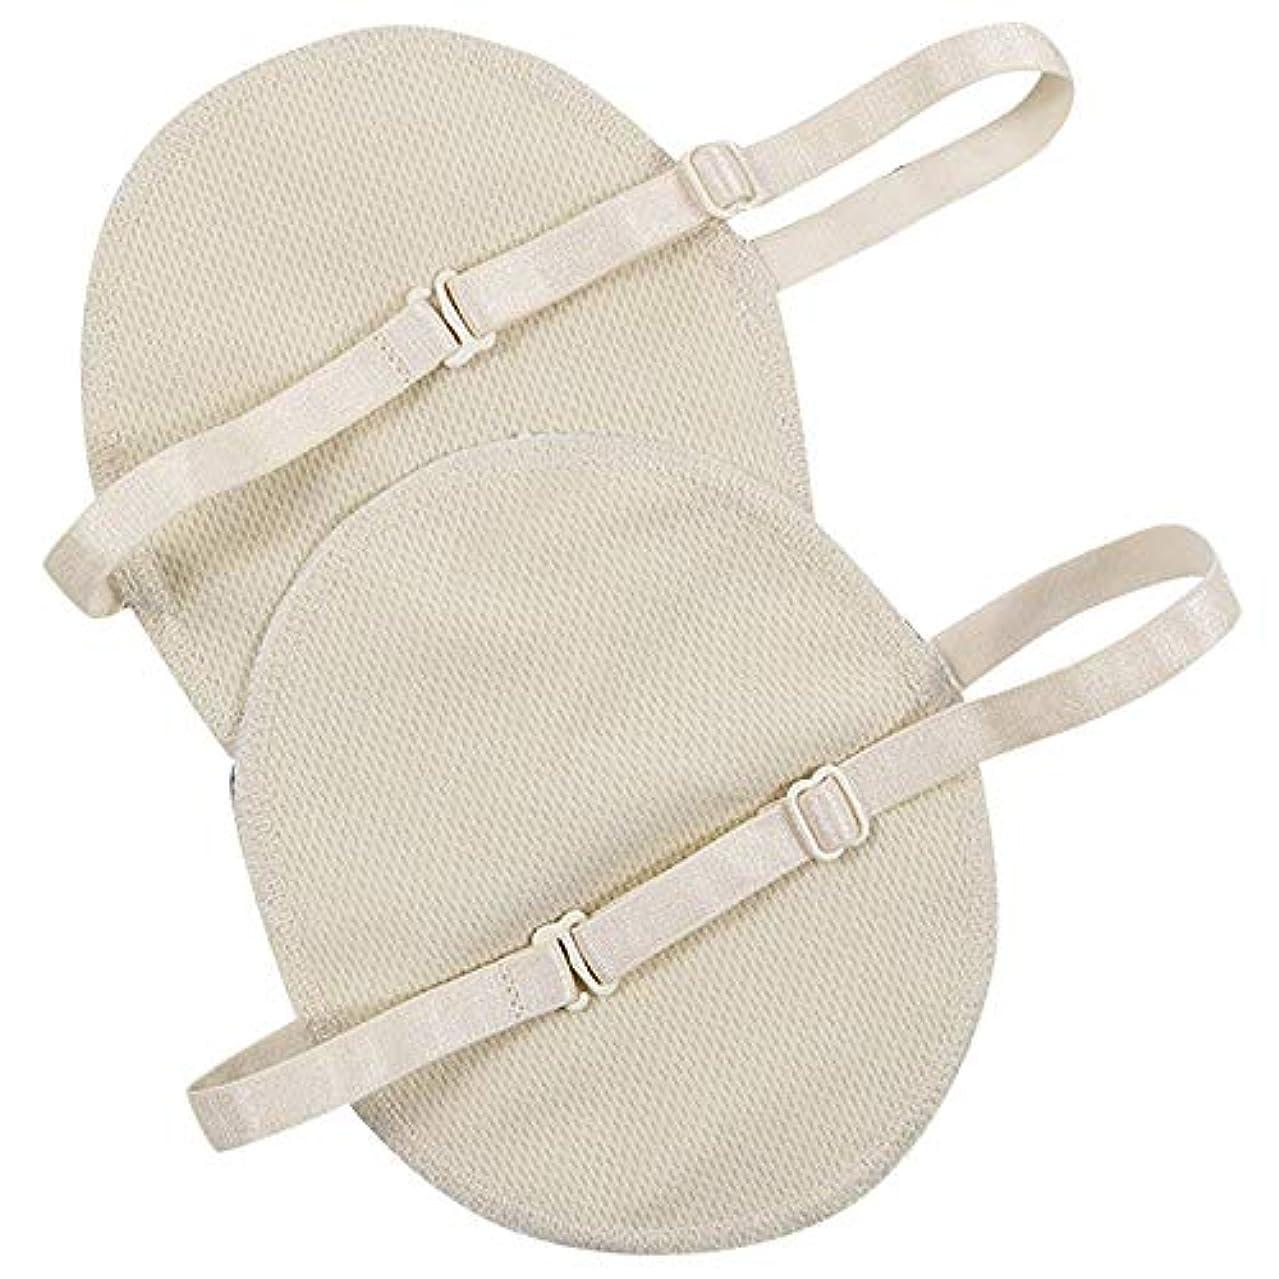 筋肉の起こりやすいクランプ1ペア脇の下汗シールドパッド洗える脇の下汗吸収ガードショルダーストラップ再利用可能な脇の下汗パッド夏